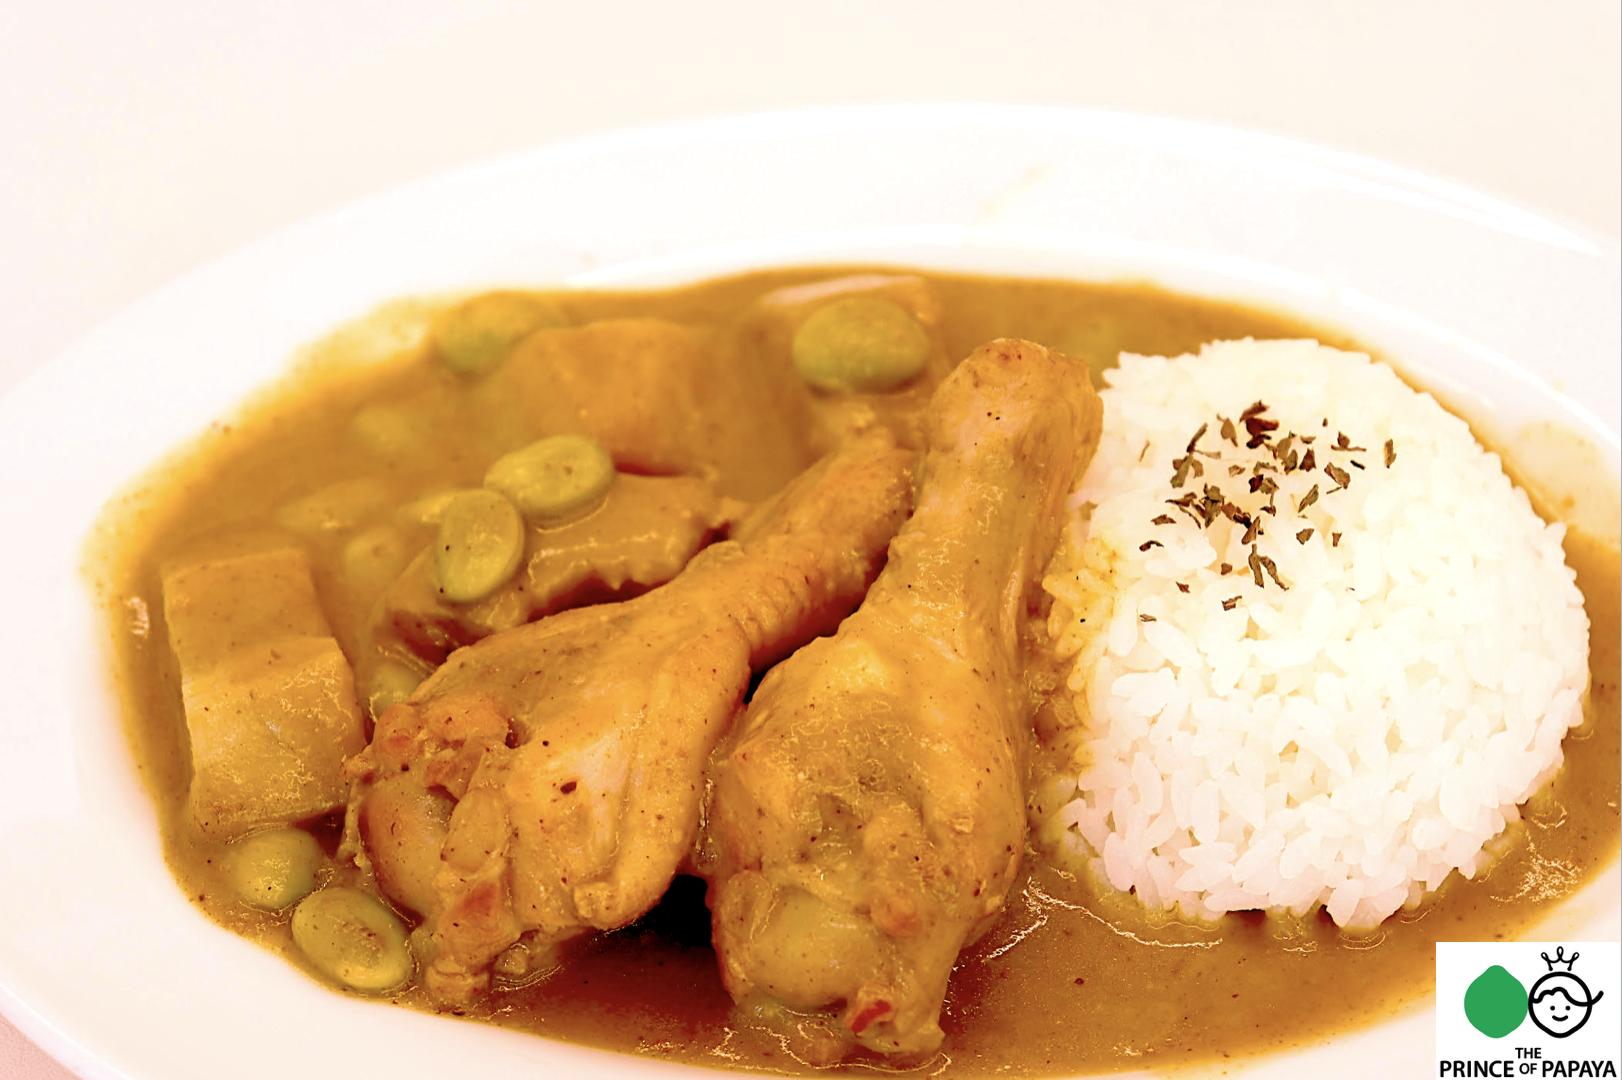 『Green PAPAYAの美味しいお料理開発中No.7!』